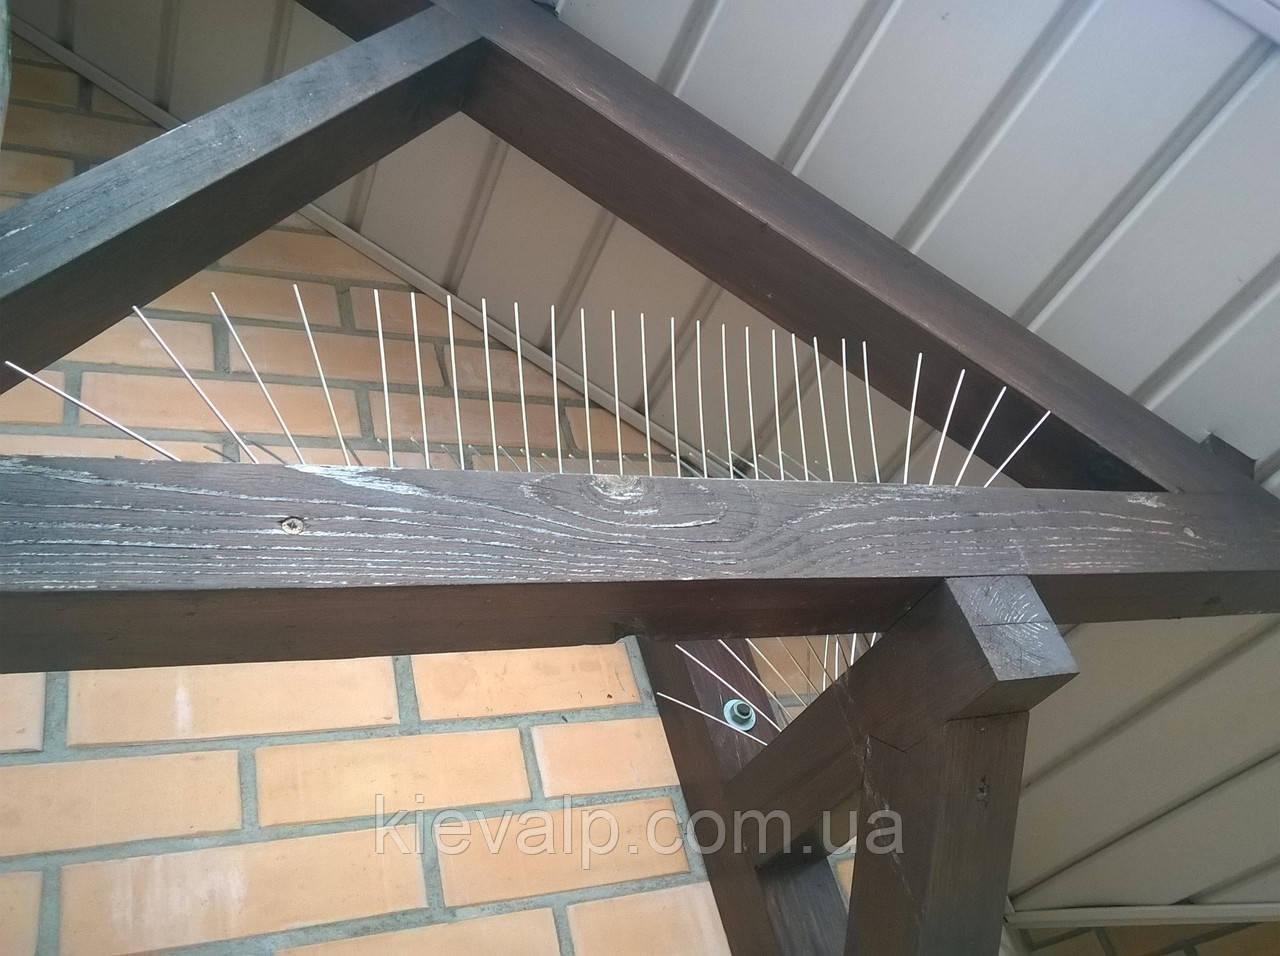 Защита от птиц. Как отпугнуть голубей от балкона. Противоприсадные шипы. Шипы от птиц.